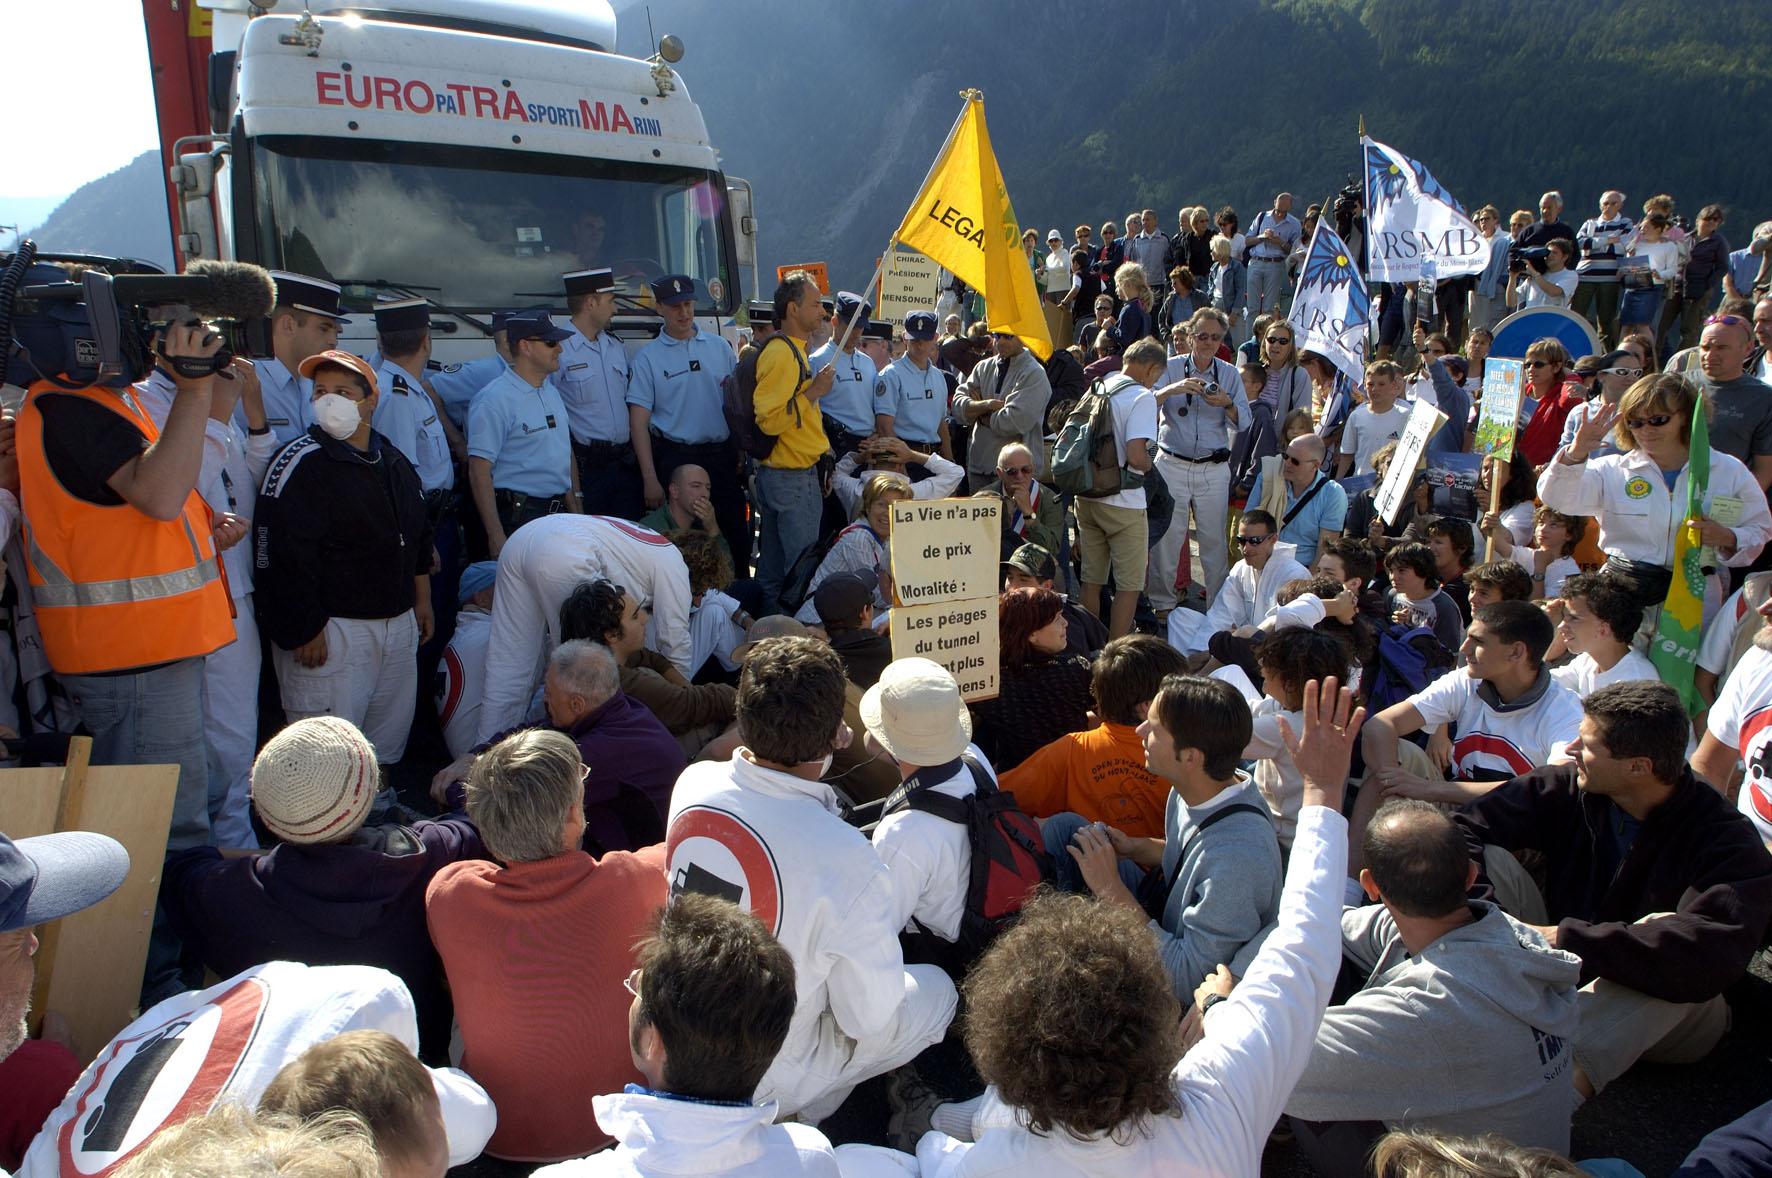 8 juin 2005, action citoyenne spontanée à Chamonix suite à l'accident du tunnel du Fréjus